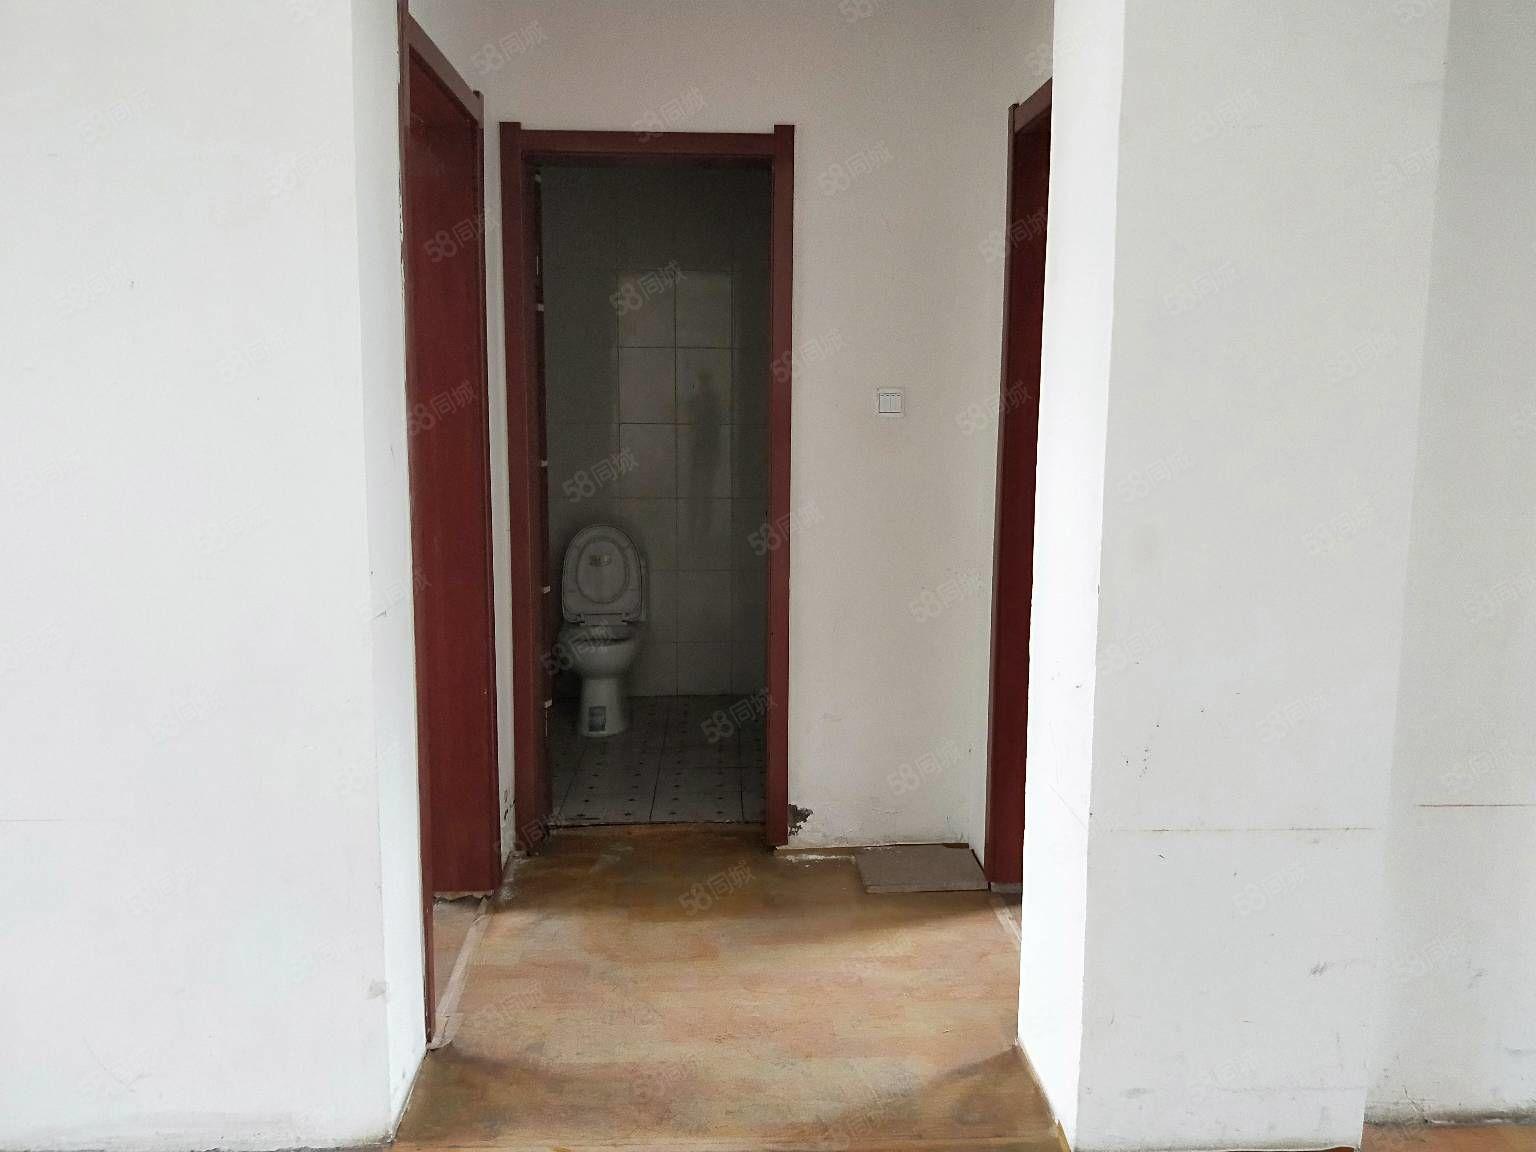 悦湖家园三楼,户型方正,两居室价格合适